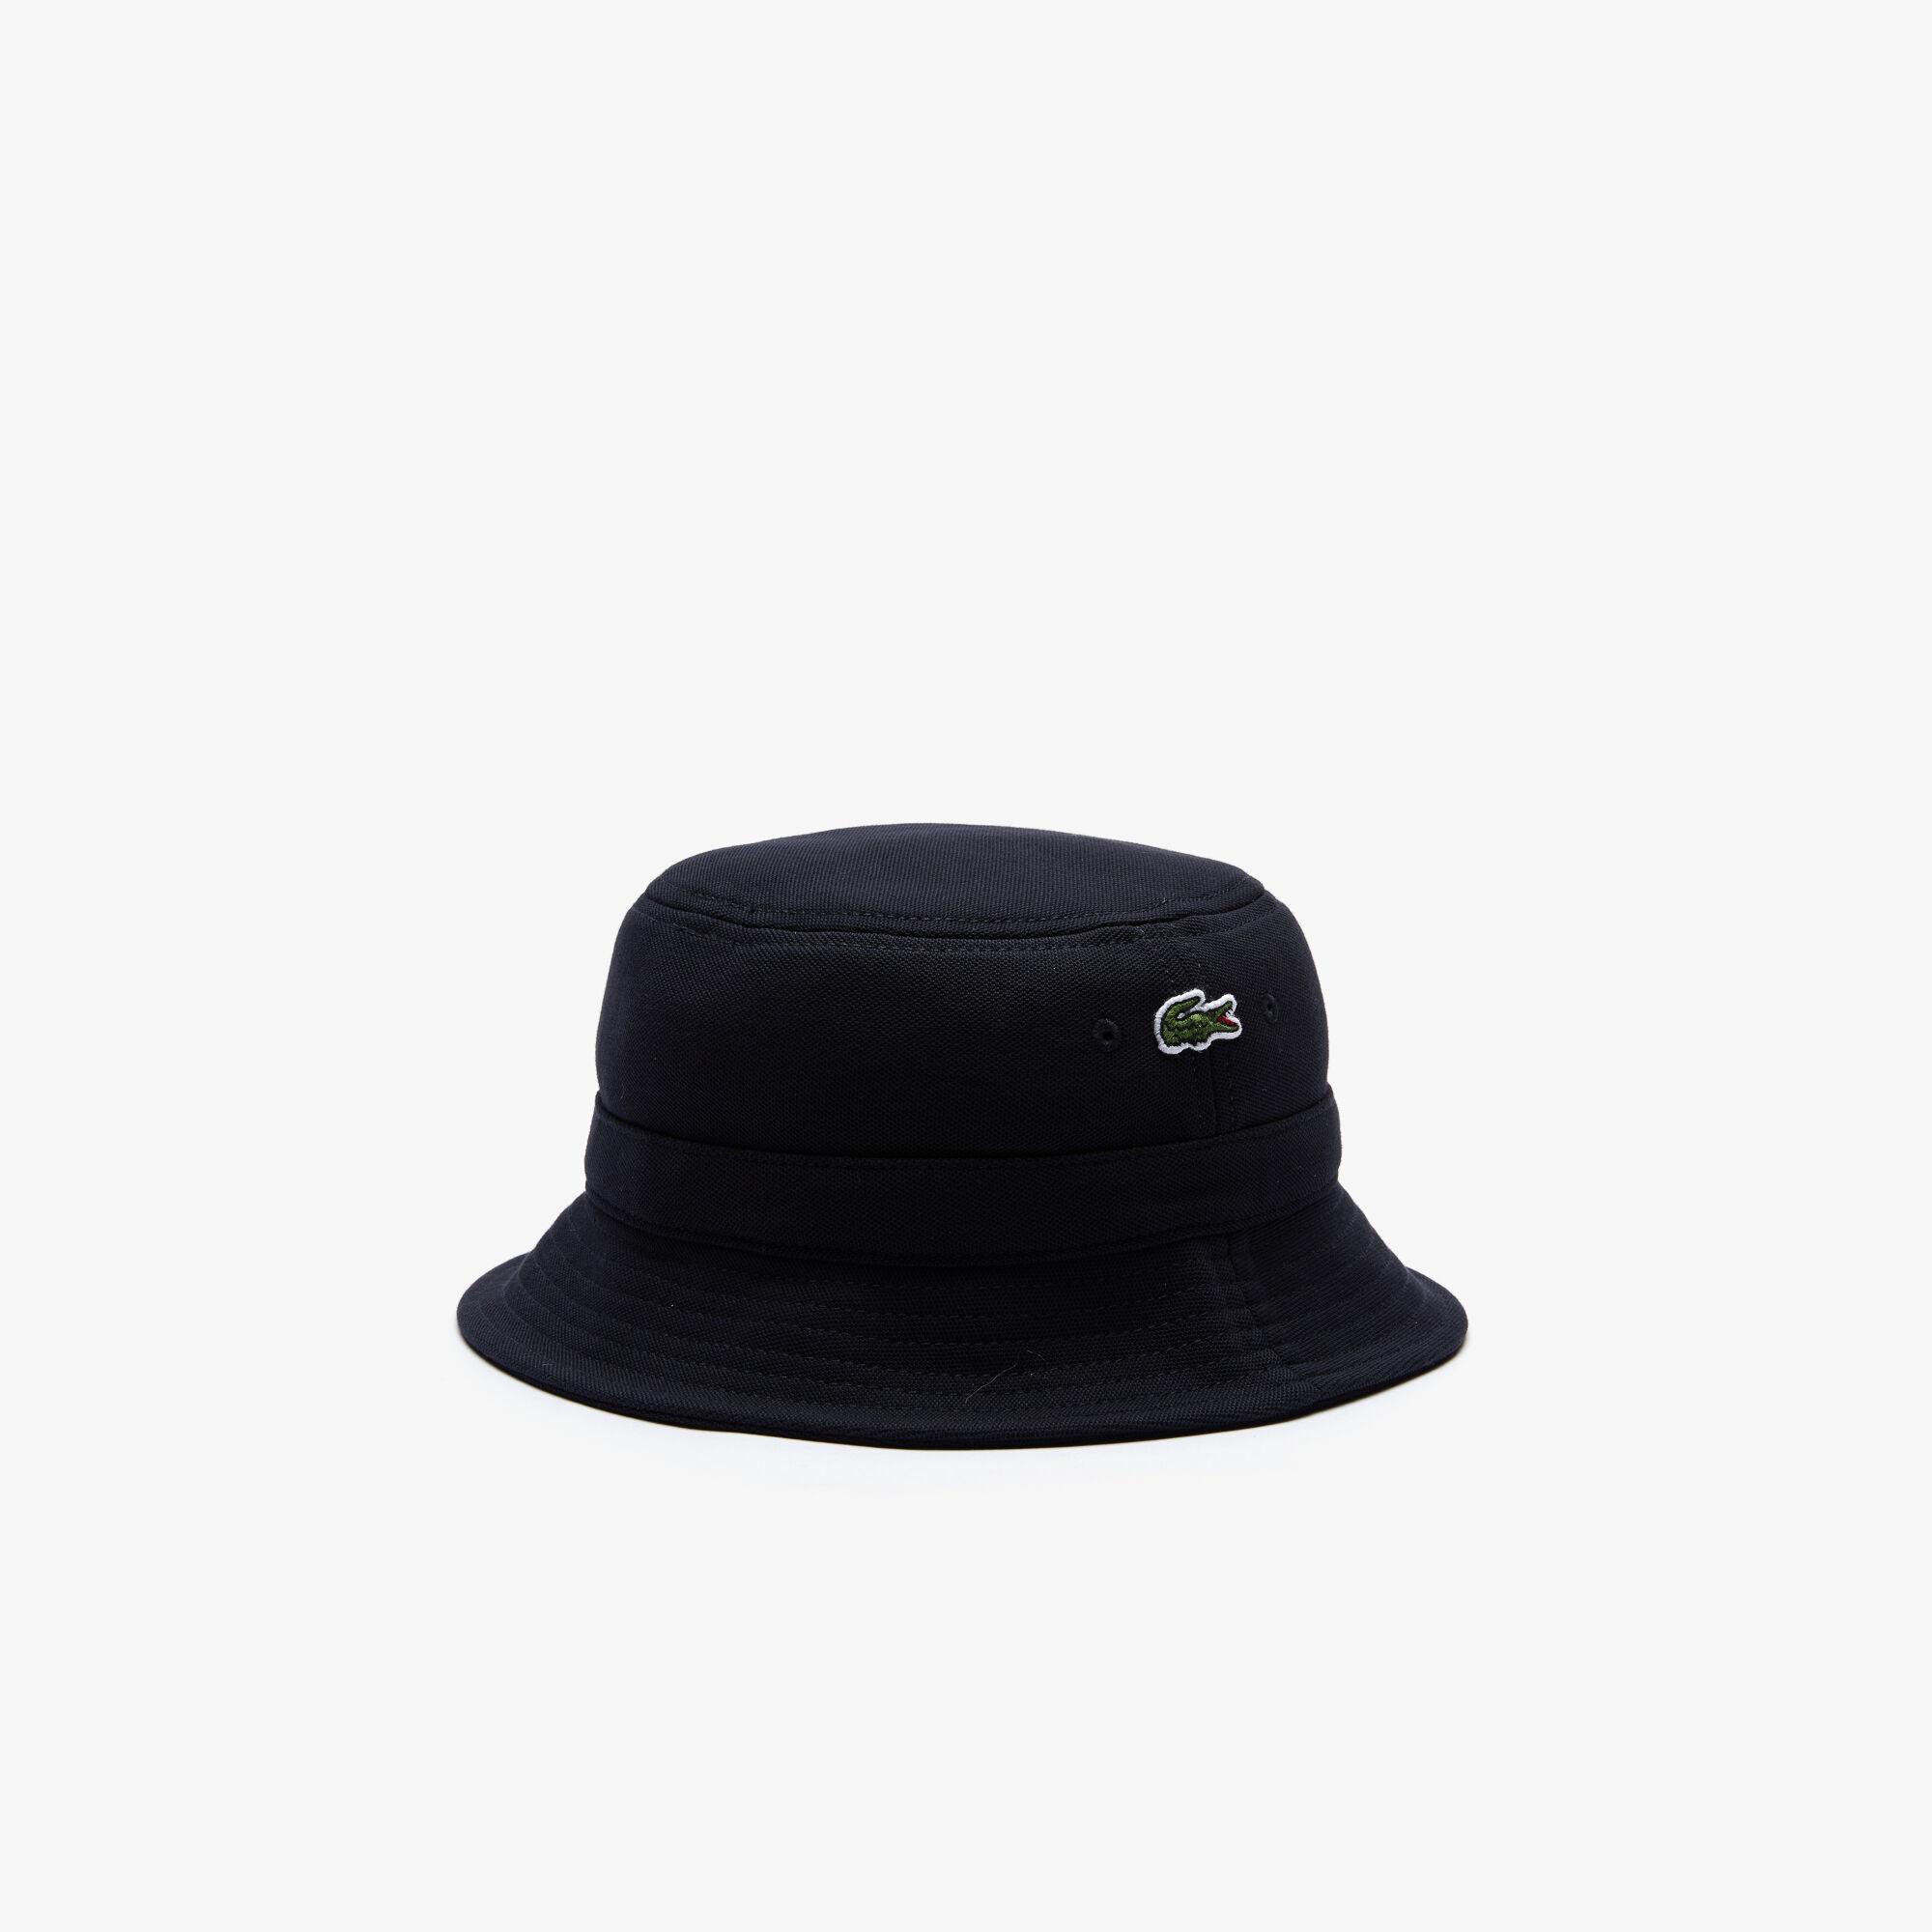 قبعة من القطن العضوي للرجال